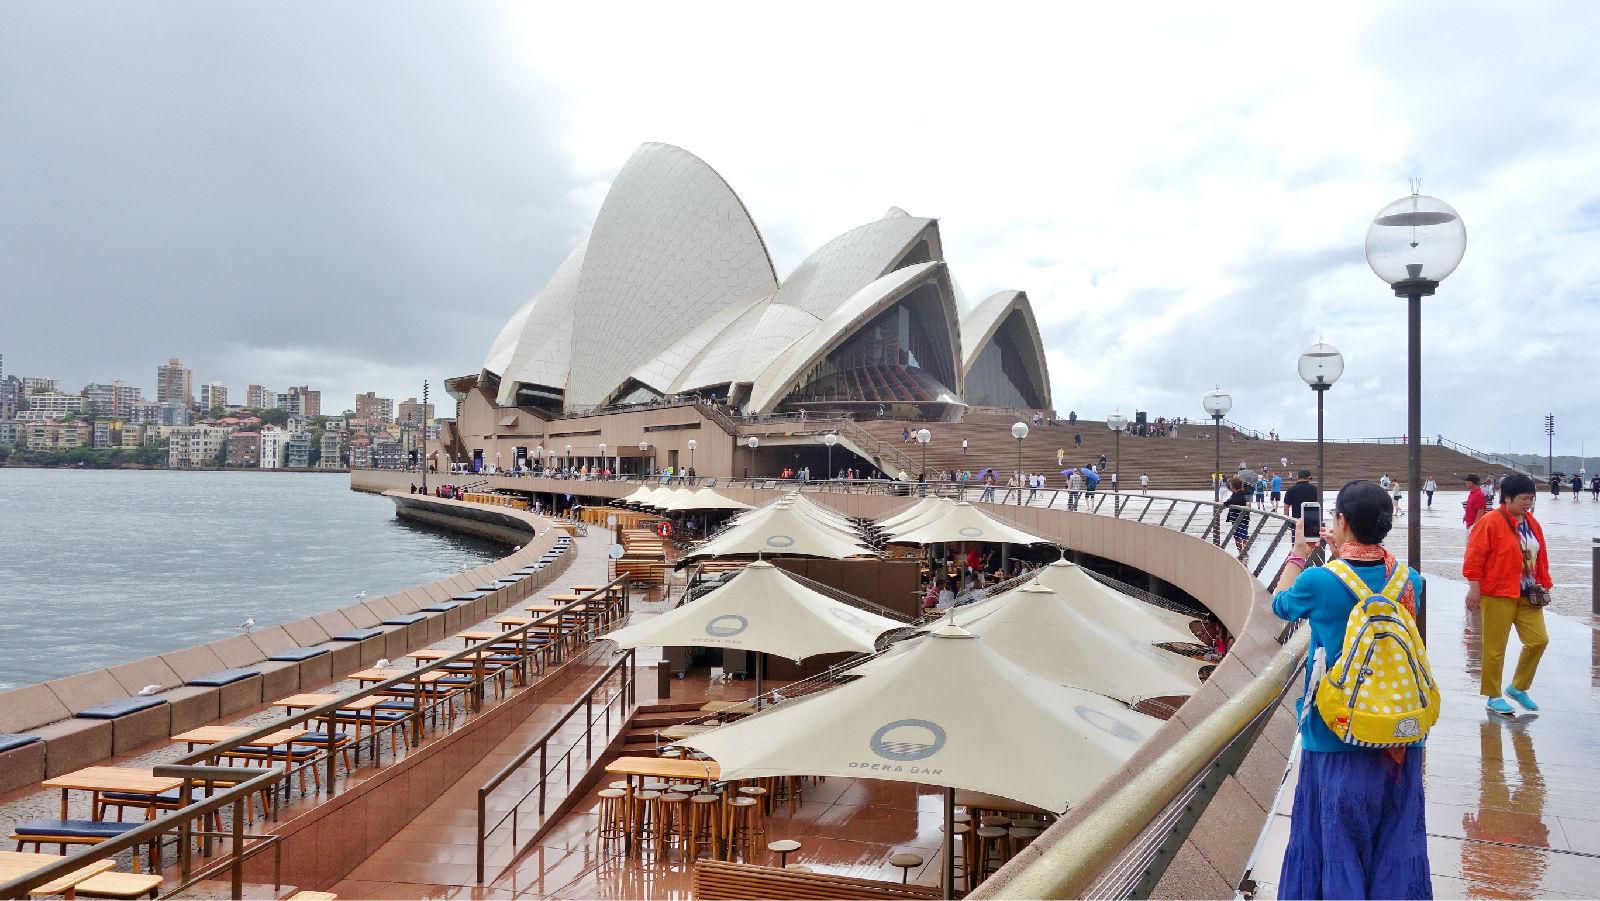 澳大利亚旅游攻略图片459